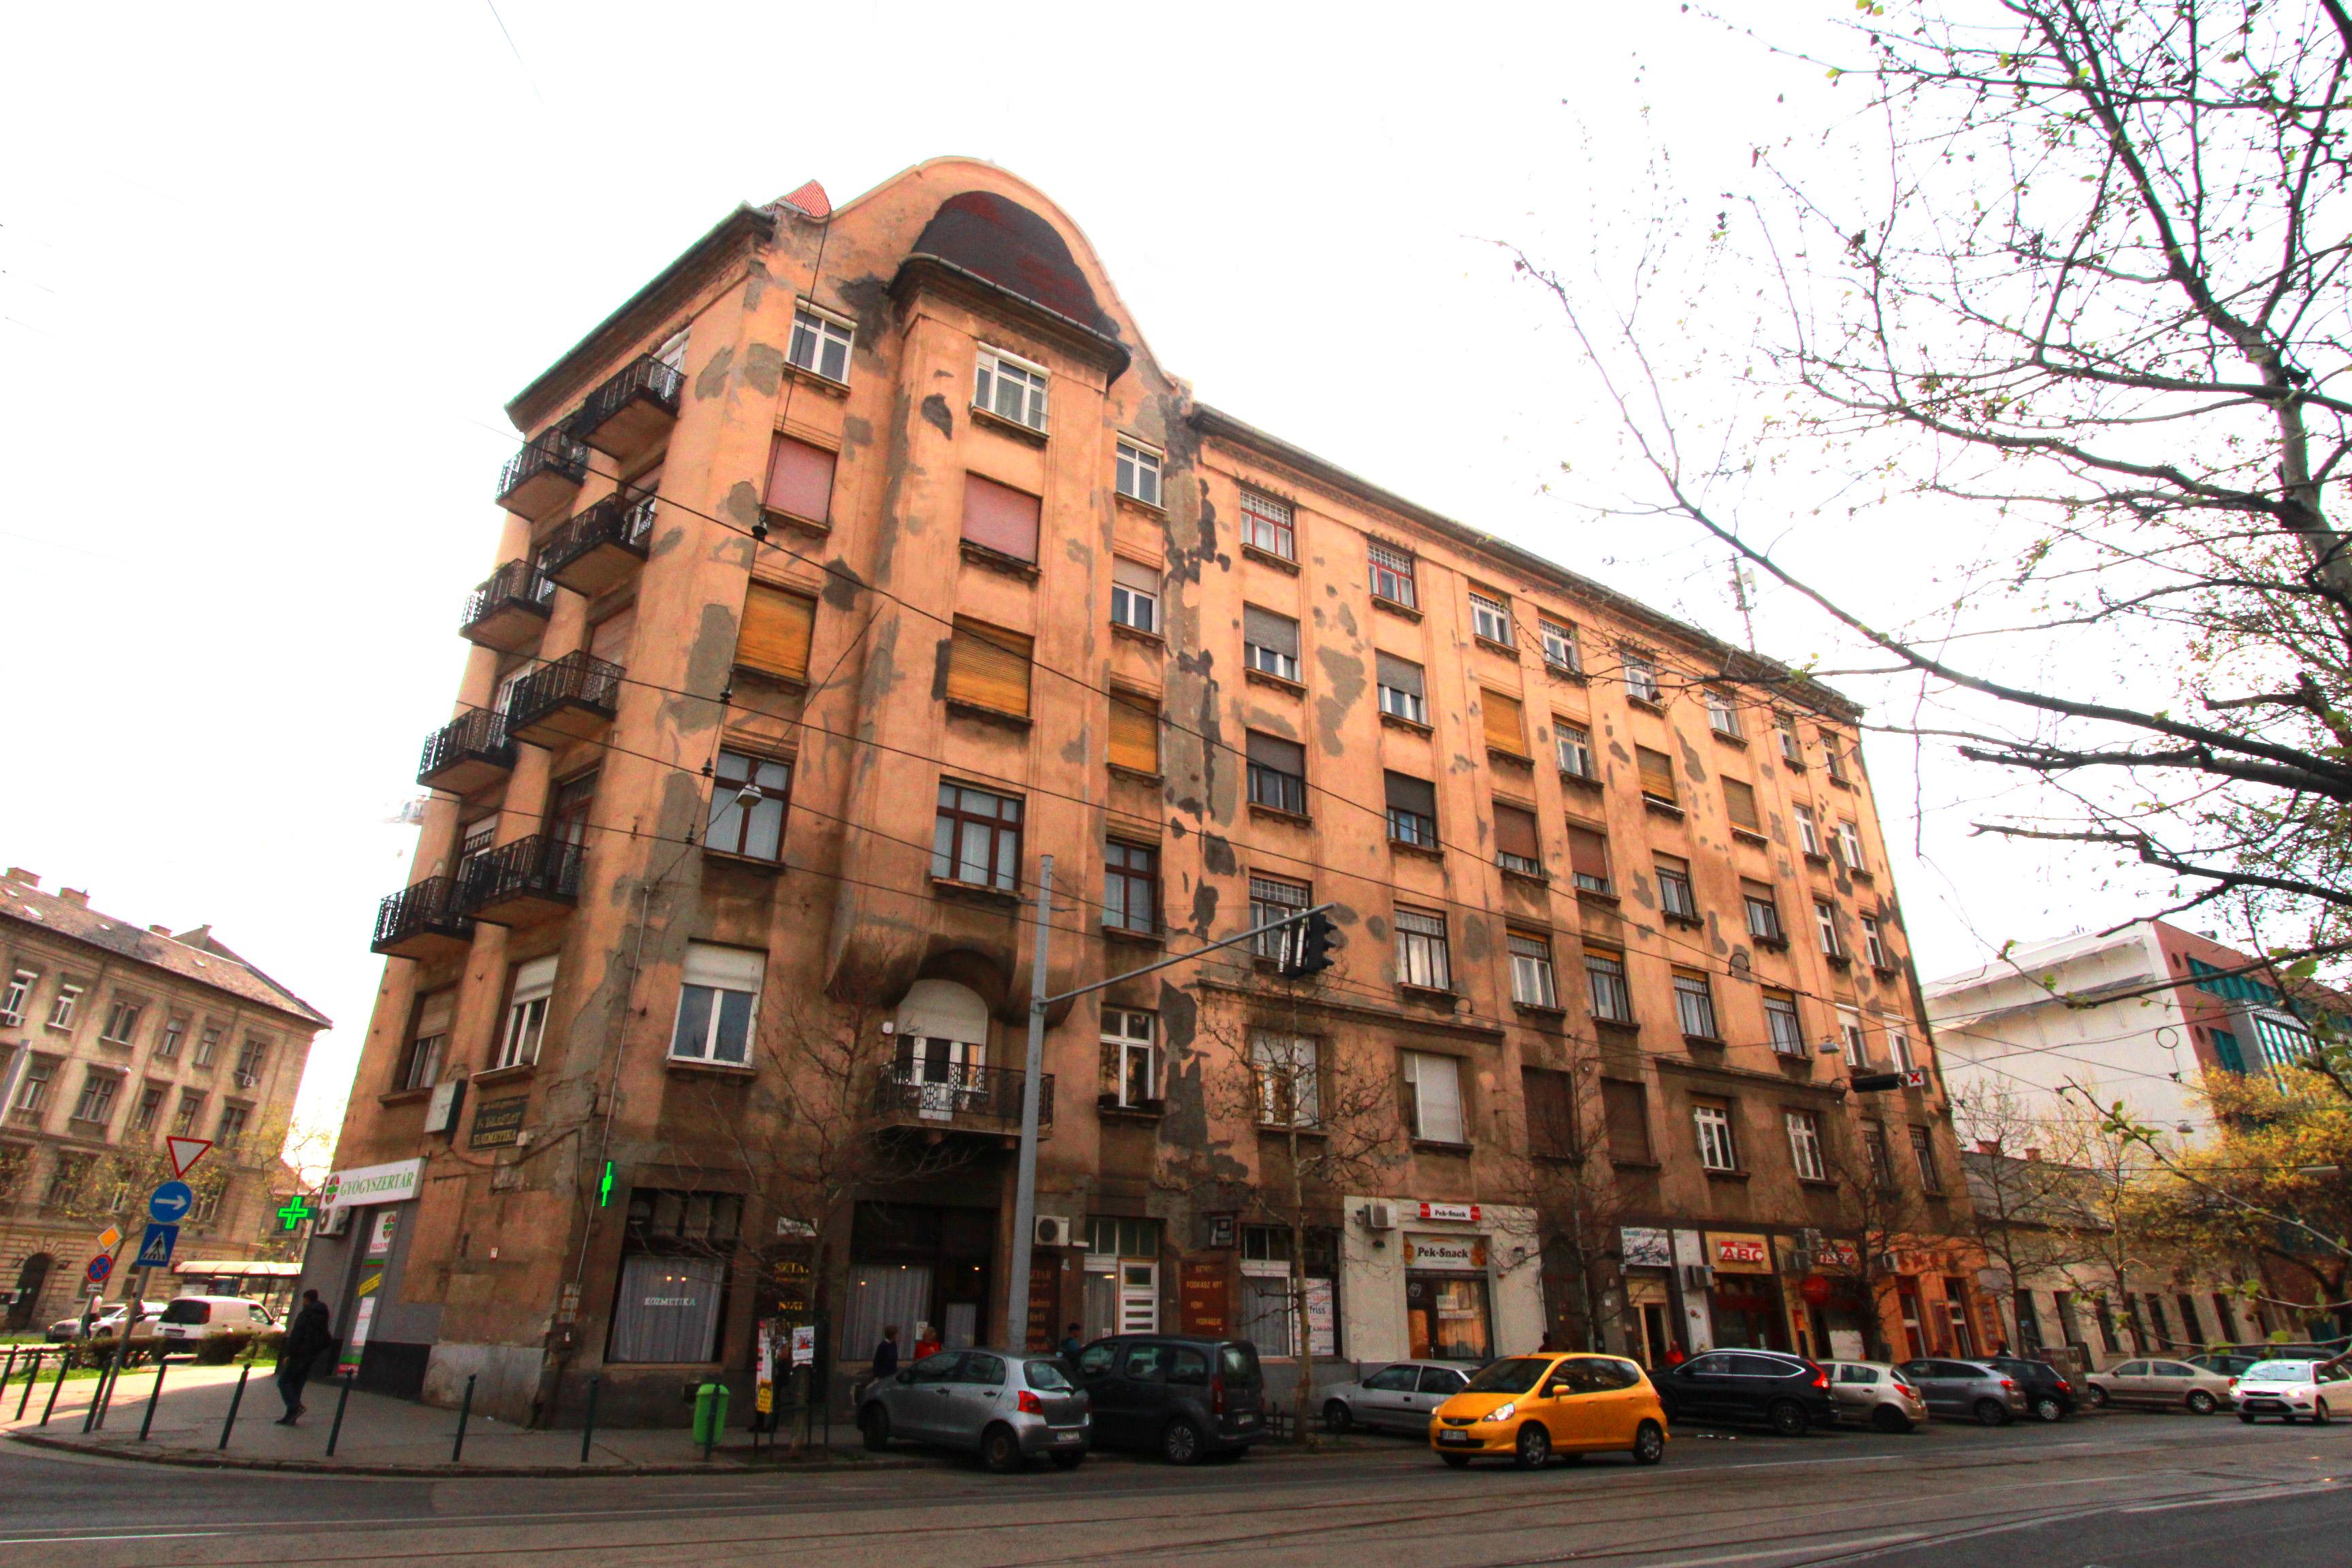 A Mester utca és a Haller utca sarkán található épület földszintjén működött a Világ mozi, ahol Józs